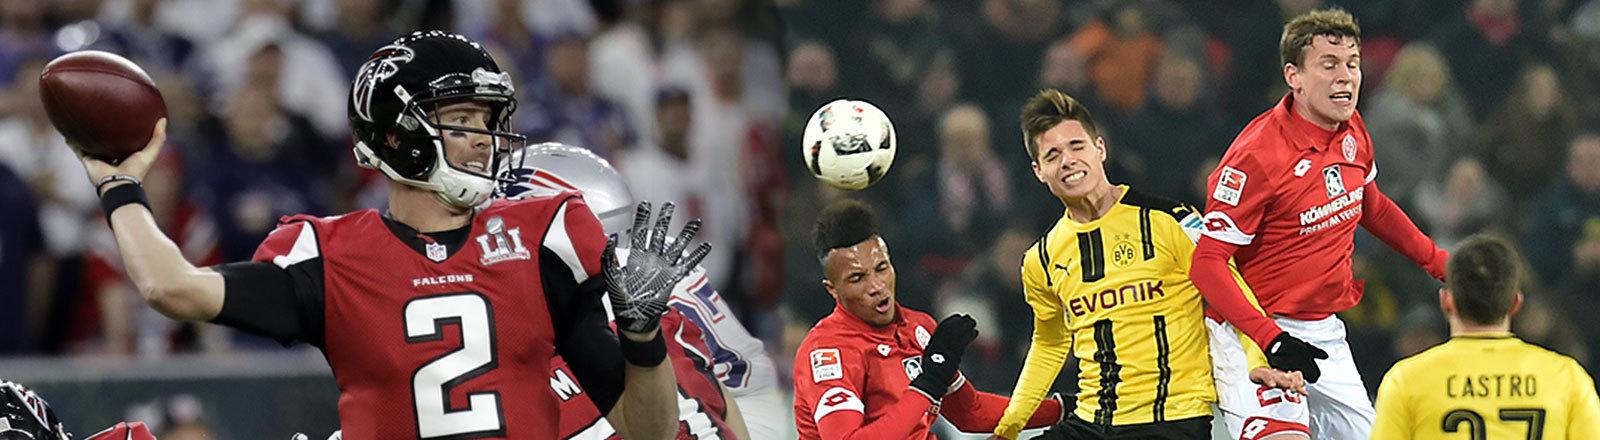 Szene aus der NFL und der Fussball-Bundesliga